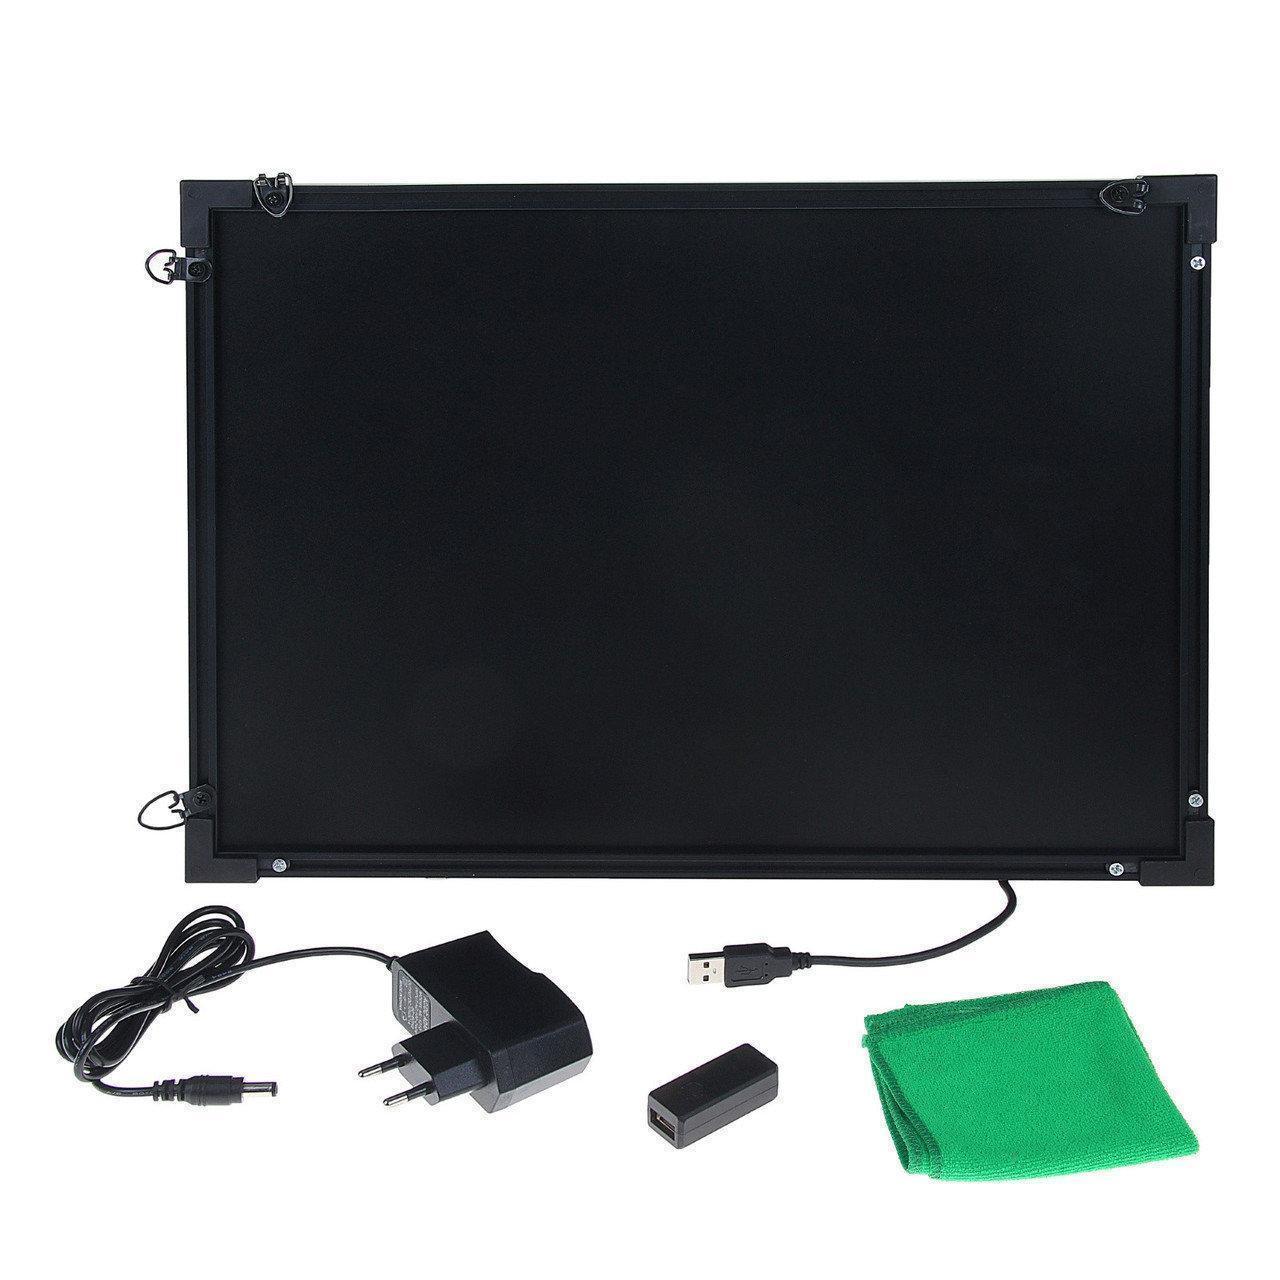 Світлодіодна дошка Fluorecent Board With Stand 5070 на стійці c фломастером і серветкою 181129